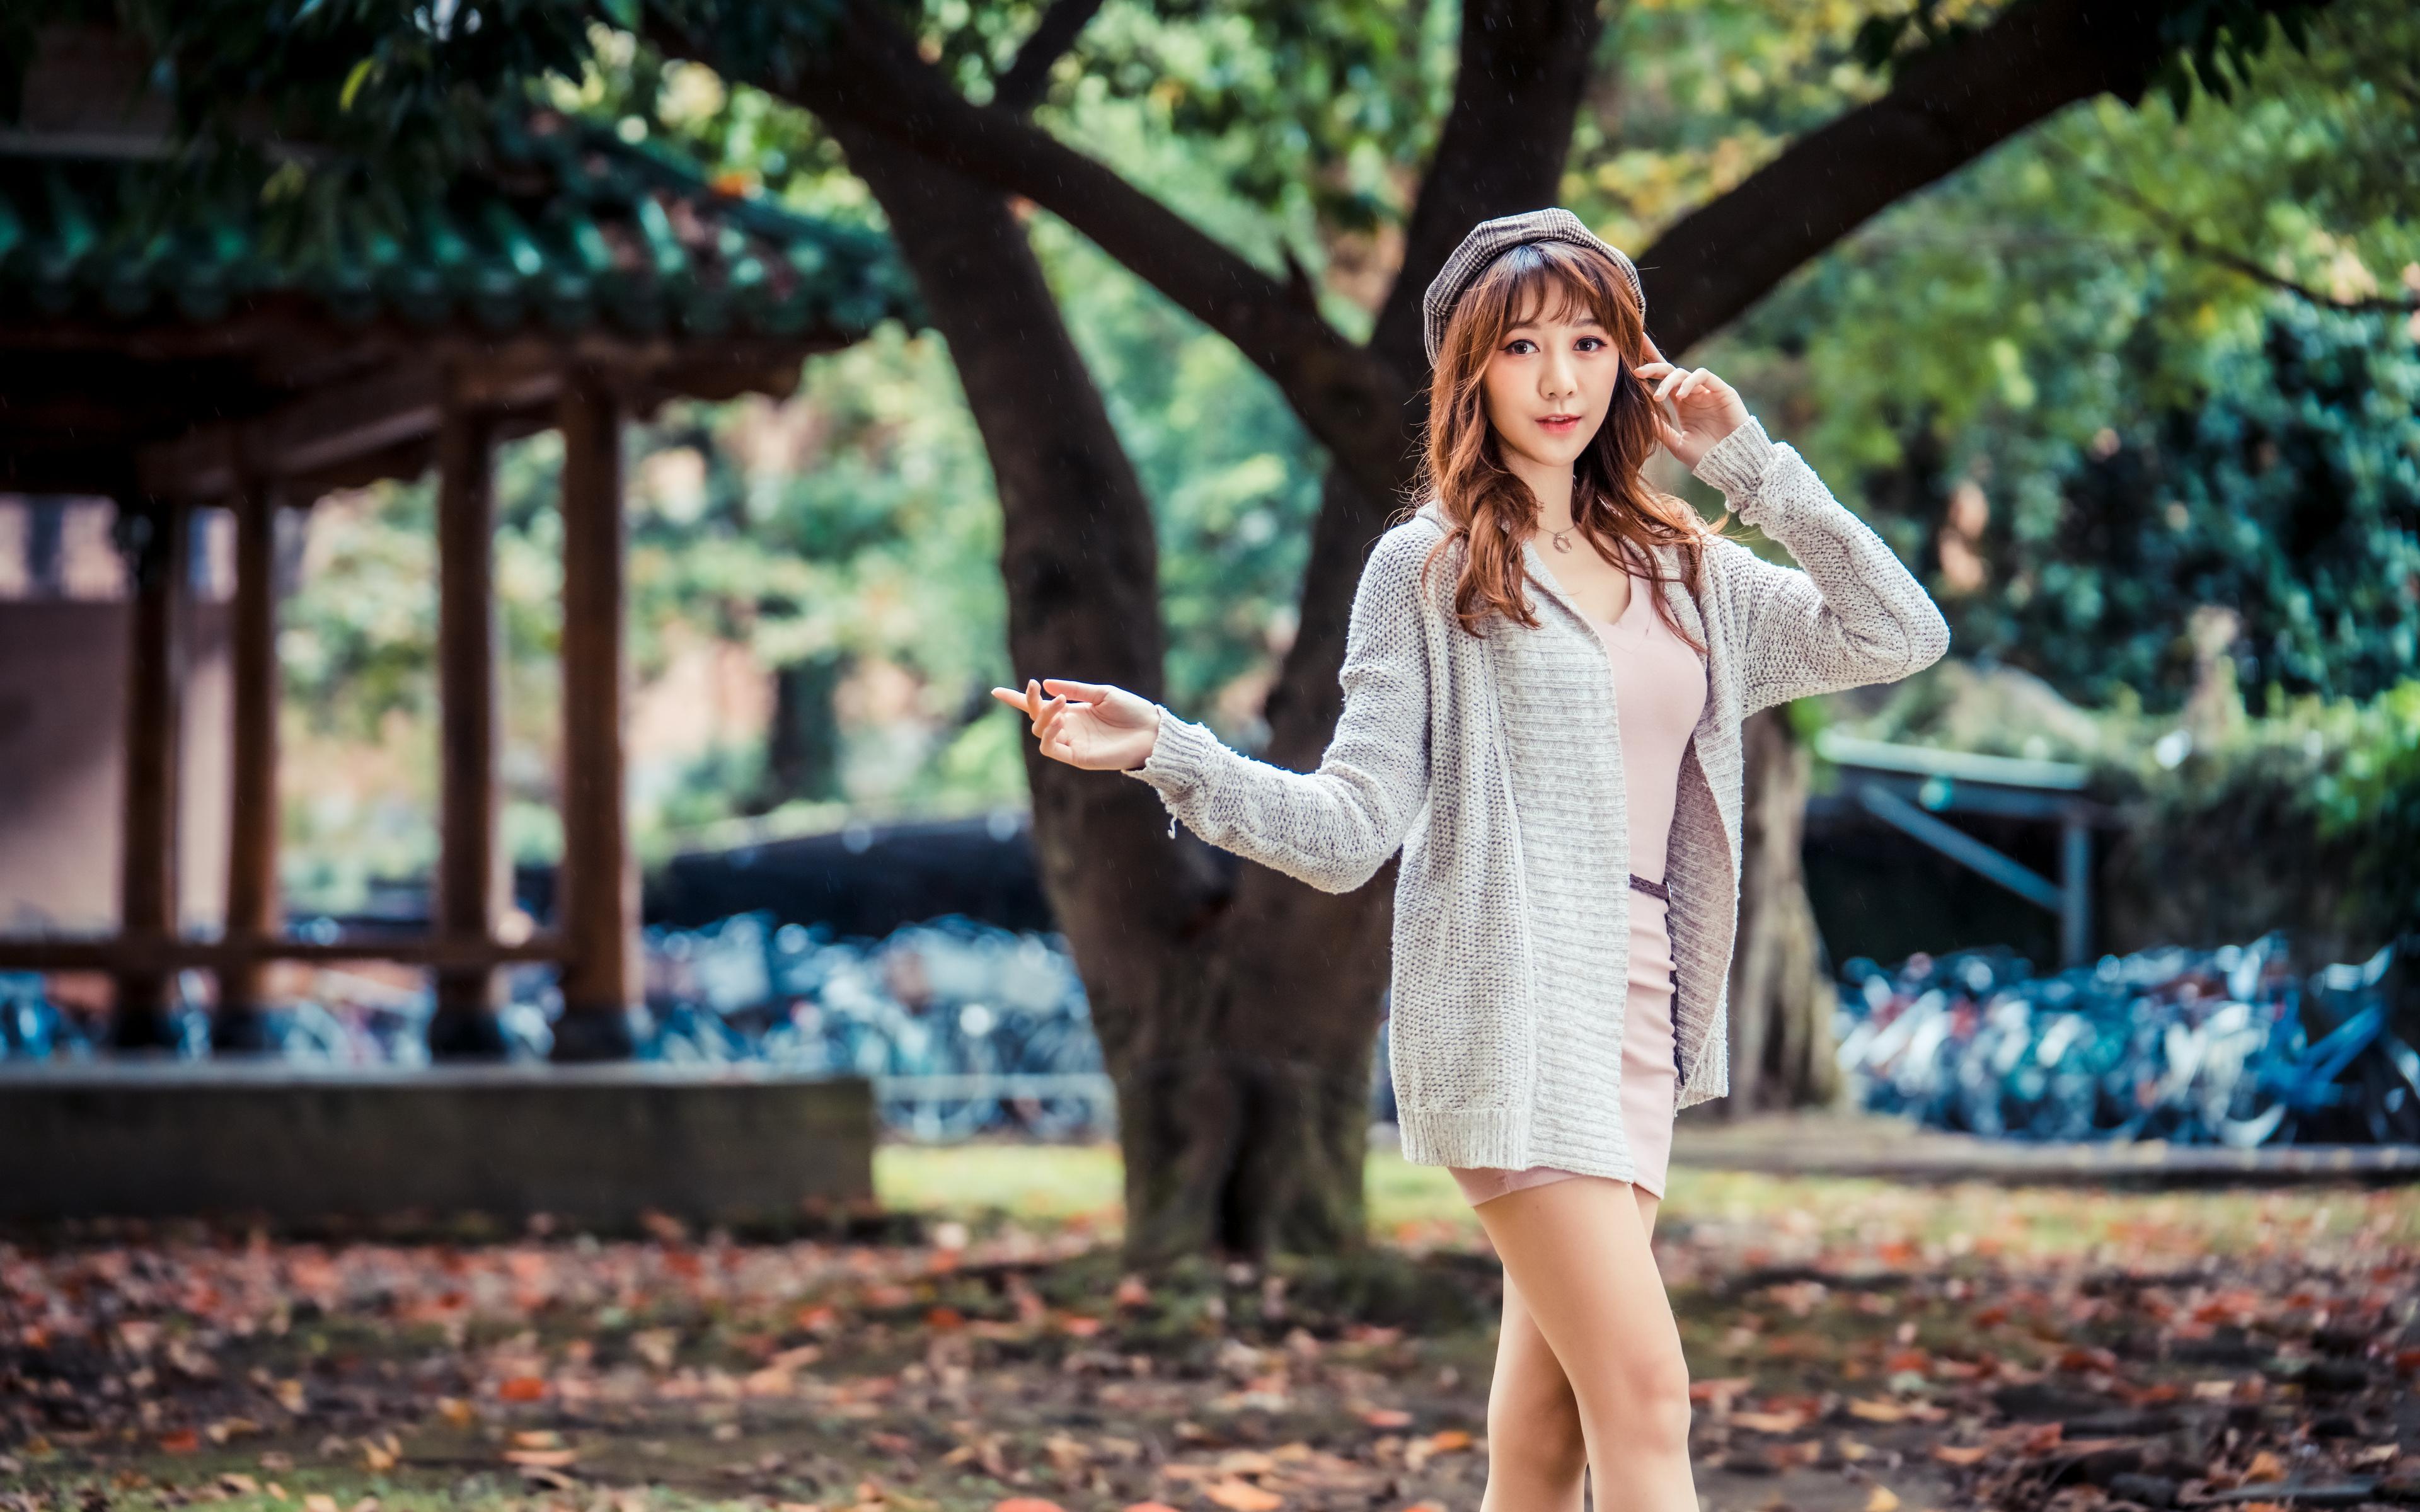 Bilder von Pose Mädchens asiatisches Starren 3840x2400 posiert junge frau junge Frauen Asiaten Asiatische Blick